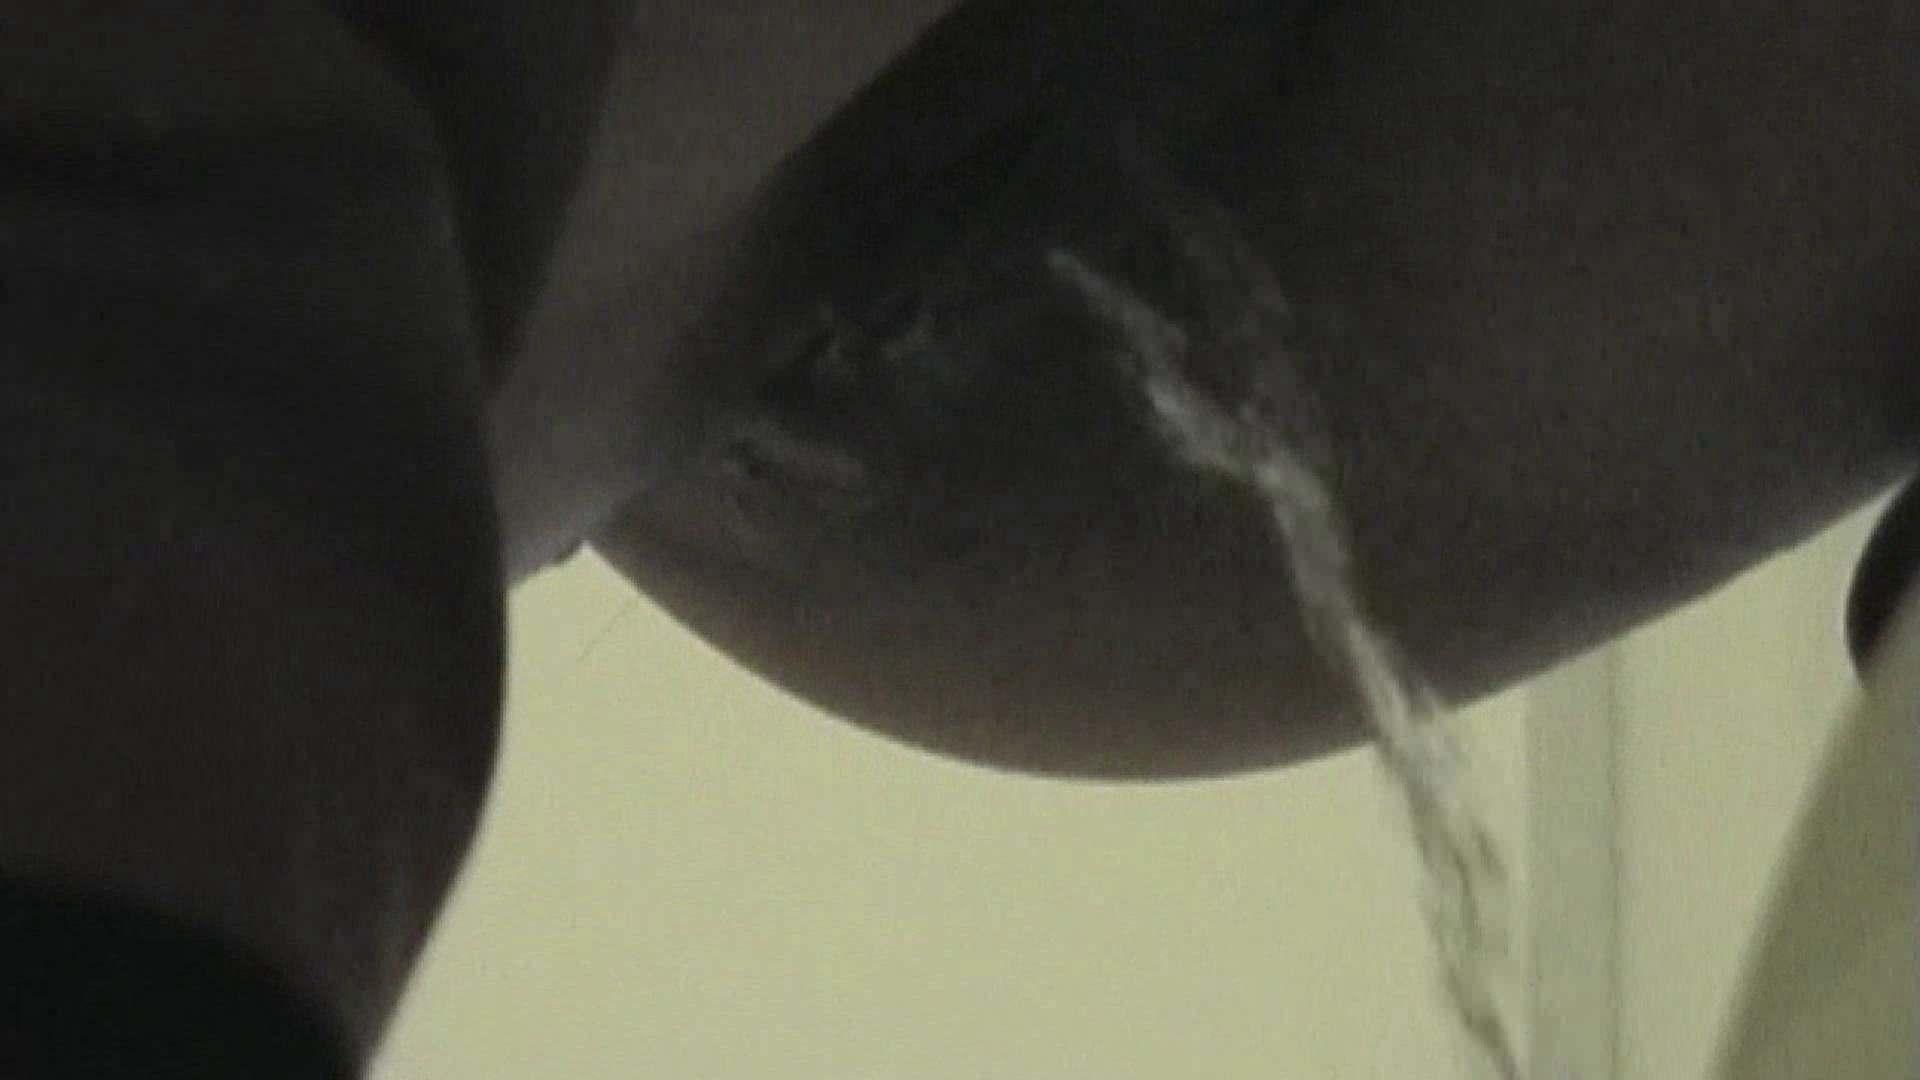 キレカワ女子大生の秘密の洗面所!Vol.031 潜入 盗み撮りSEX無修正画像 95pic 52